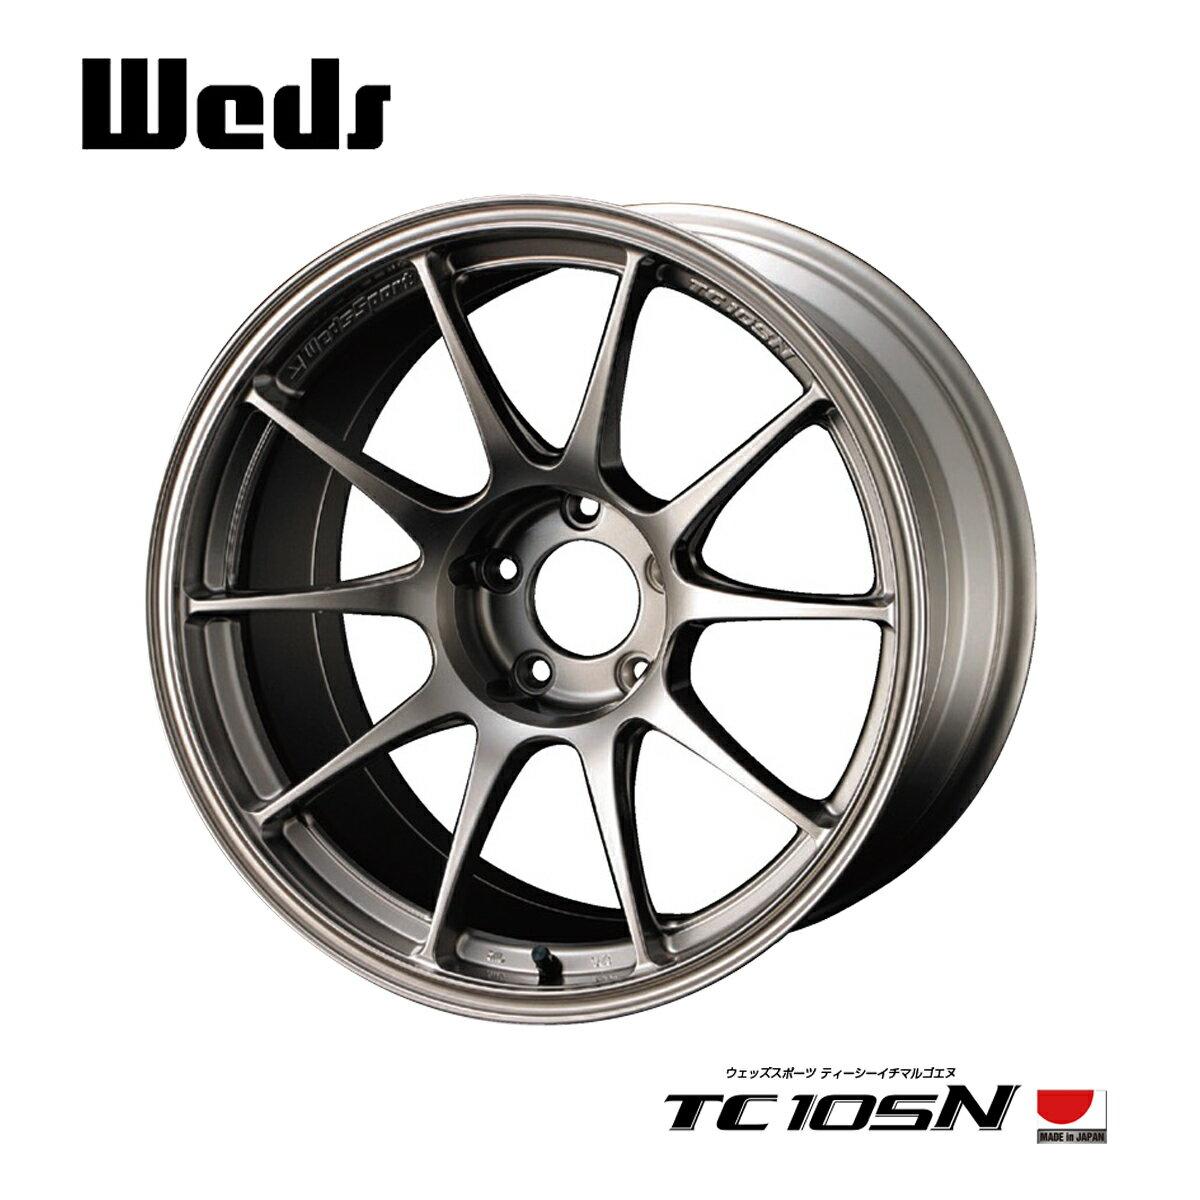 ウエッズスポーツ WedsSport TC105N ホイール 1本 18 インチ 5H114.3 8.5J+32 ウェッズ WEDS